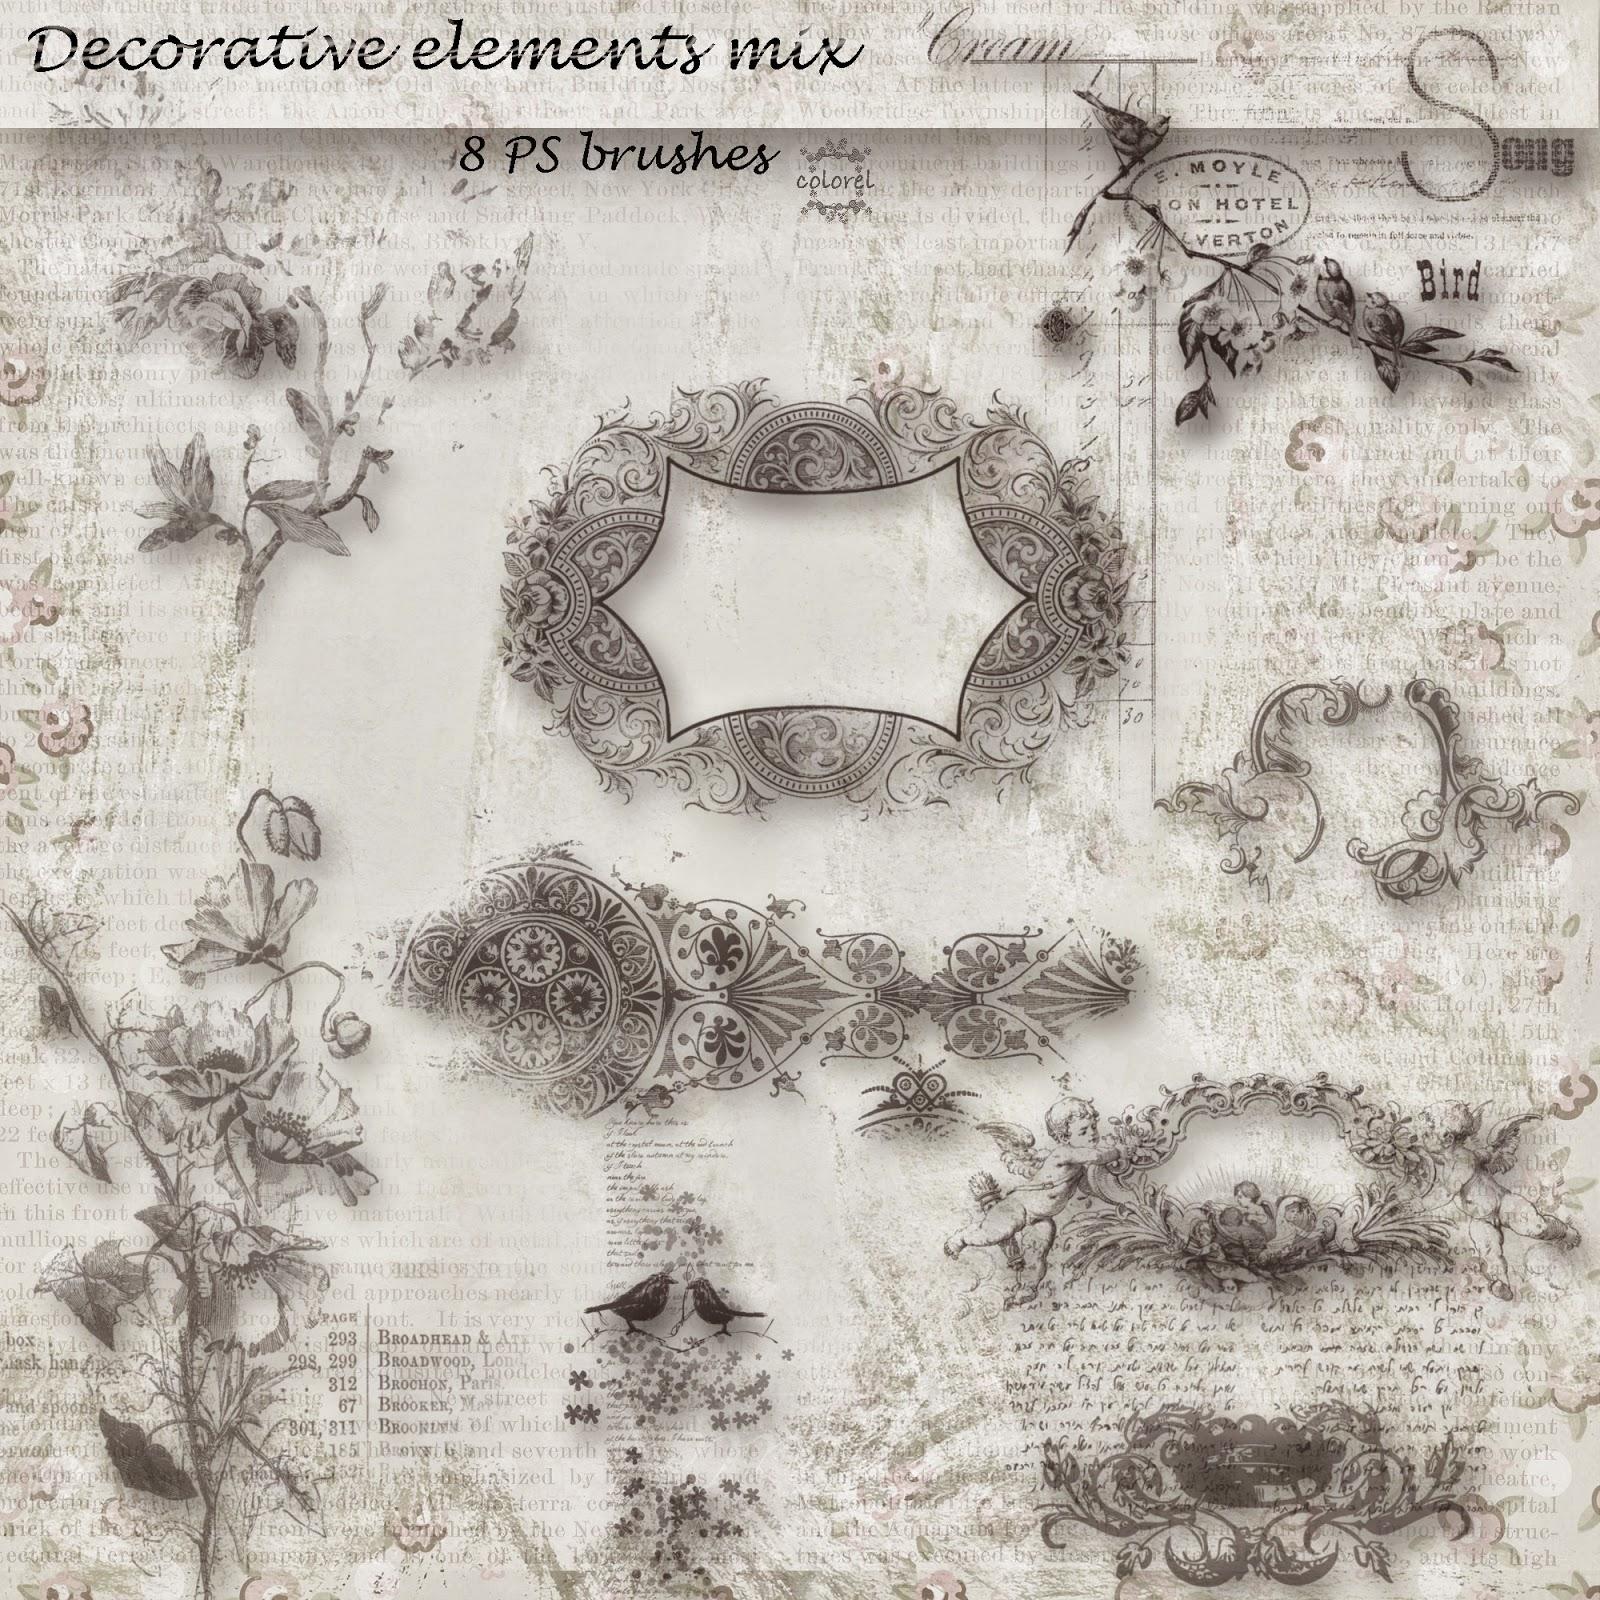 混合式装饰性花纹图案Photoshop笔刷素材